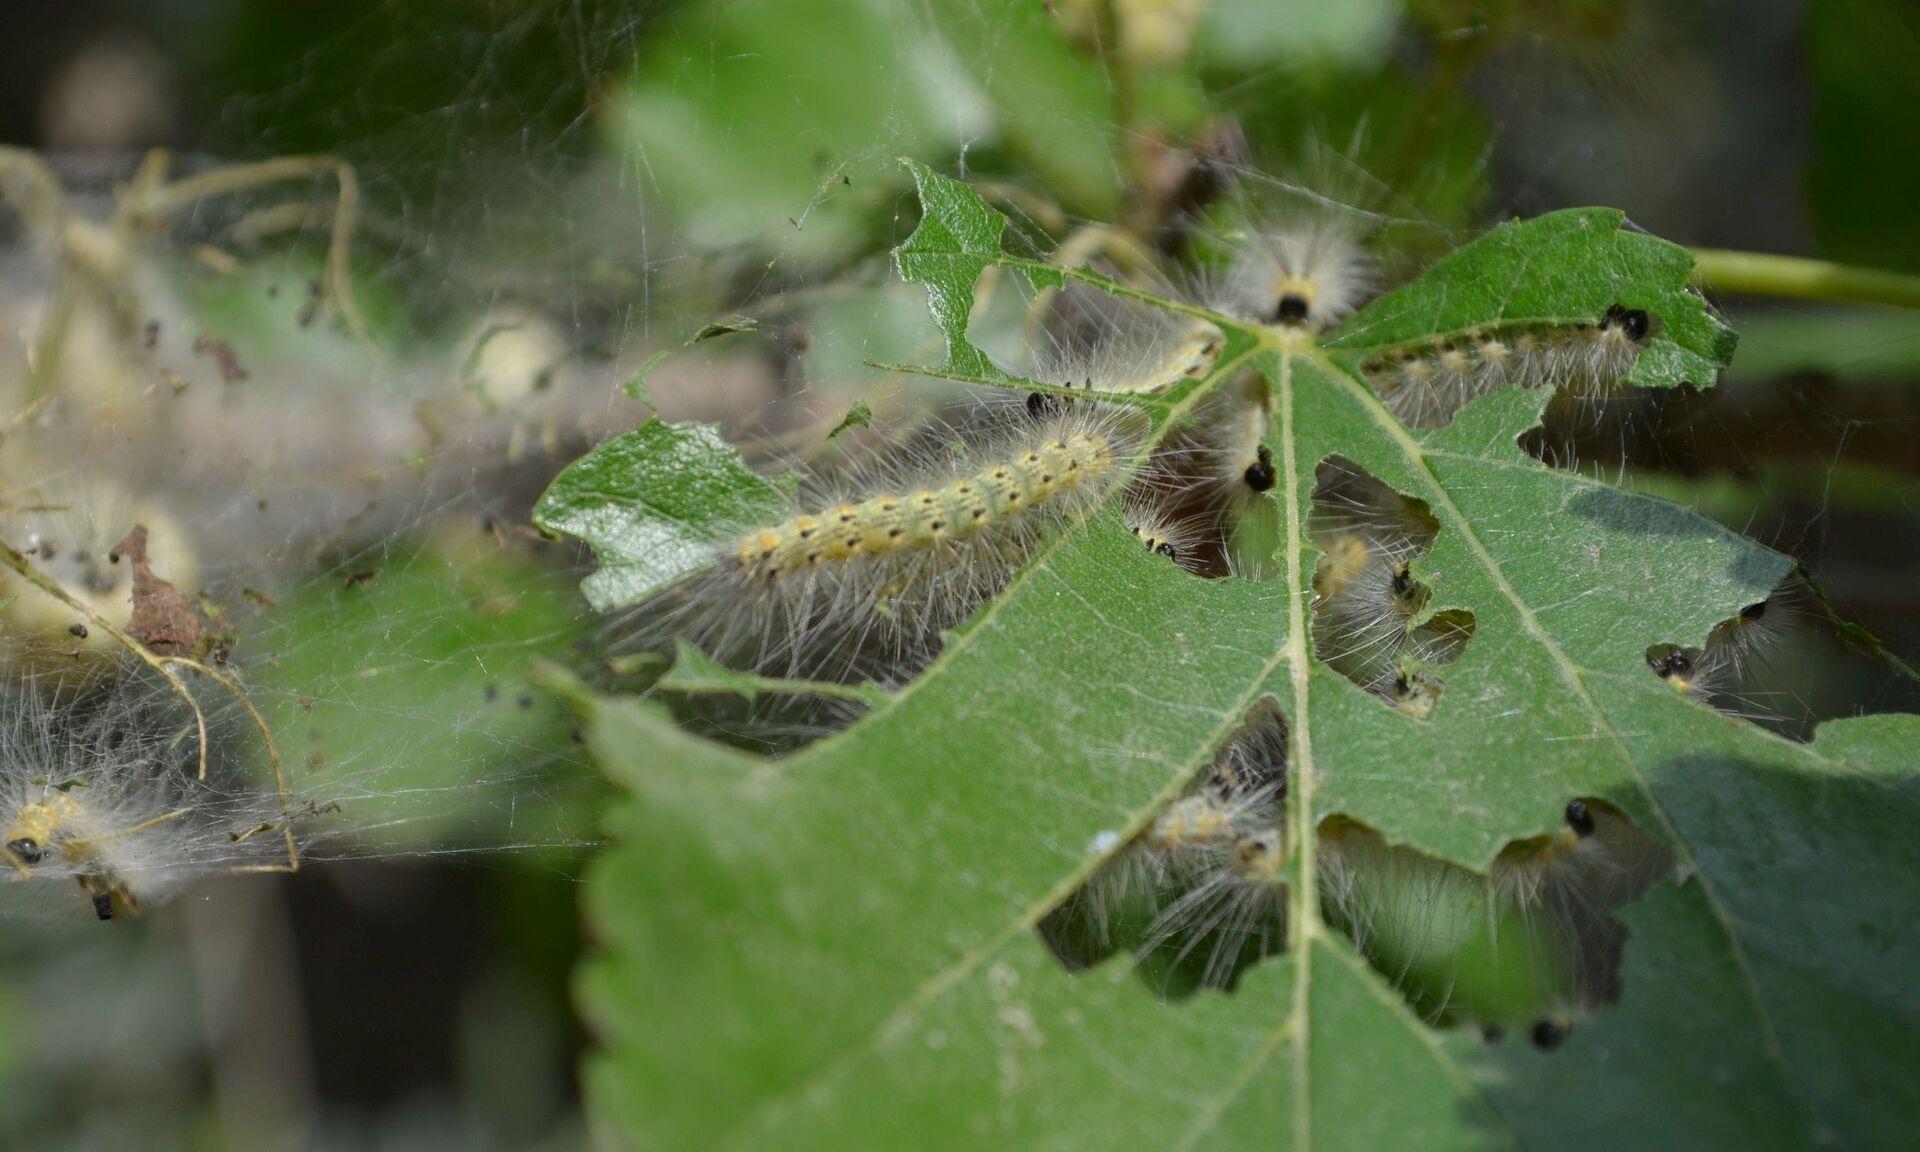 Опасный вредитель: покрывает паутиной ветви, уничтожает треть урожая - Sputnik Азербайджан, 1920, 27.06.2021